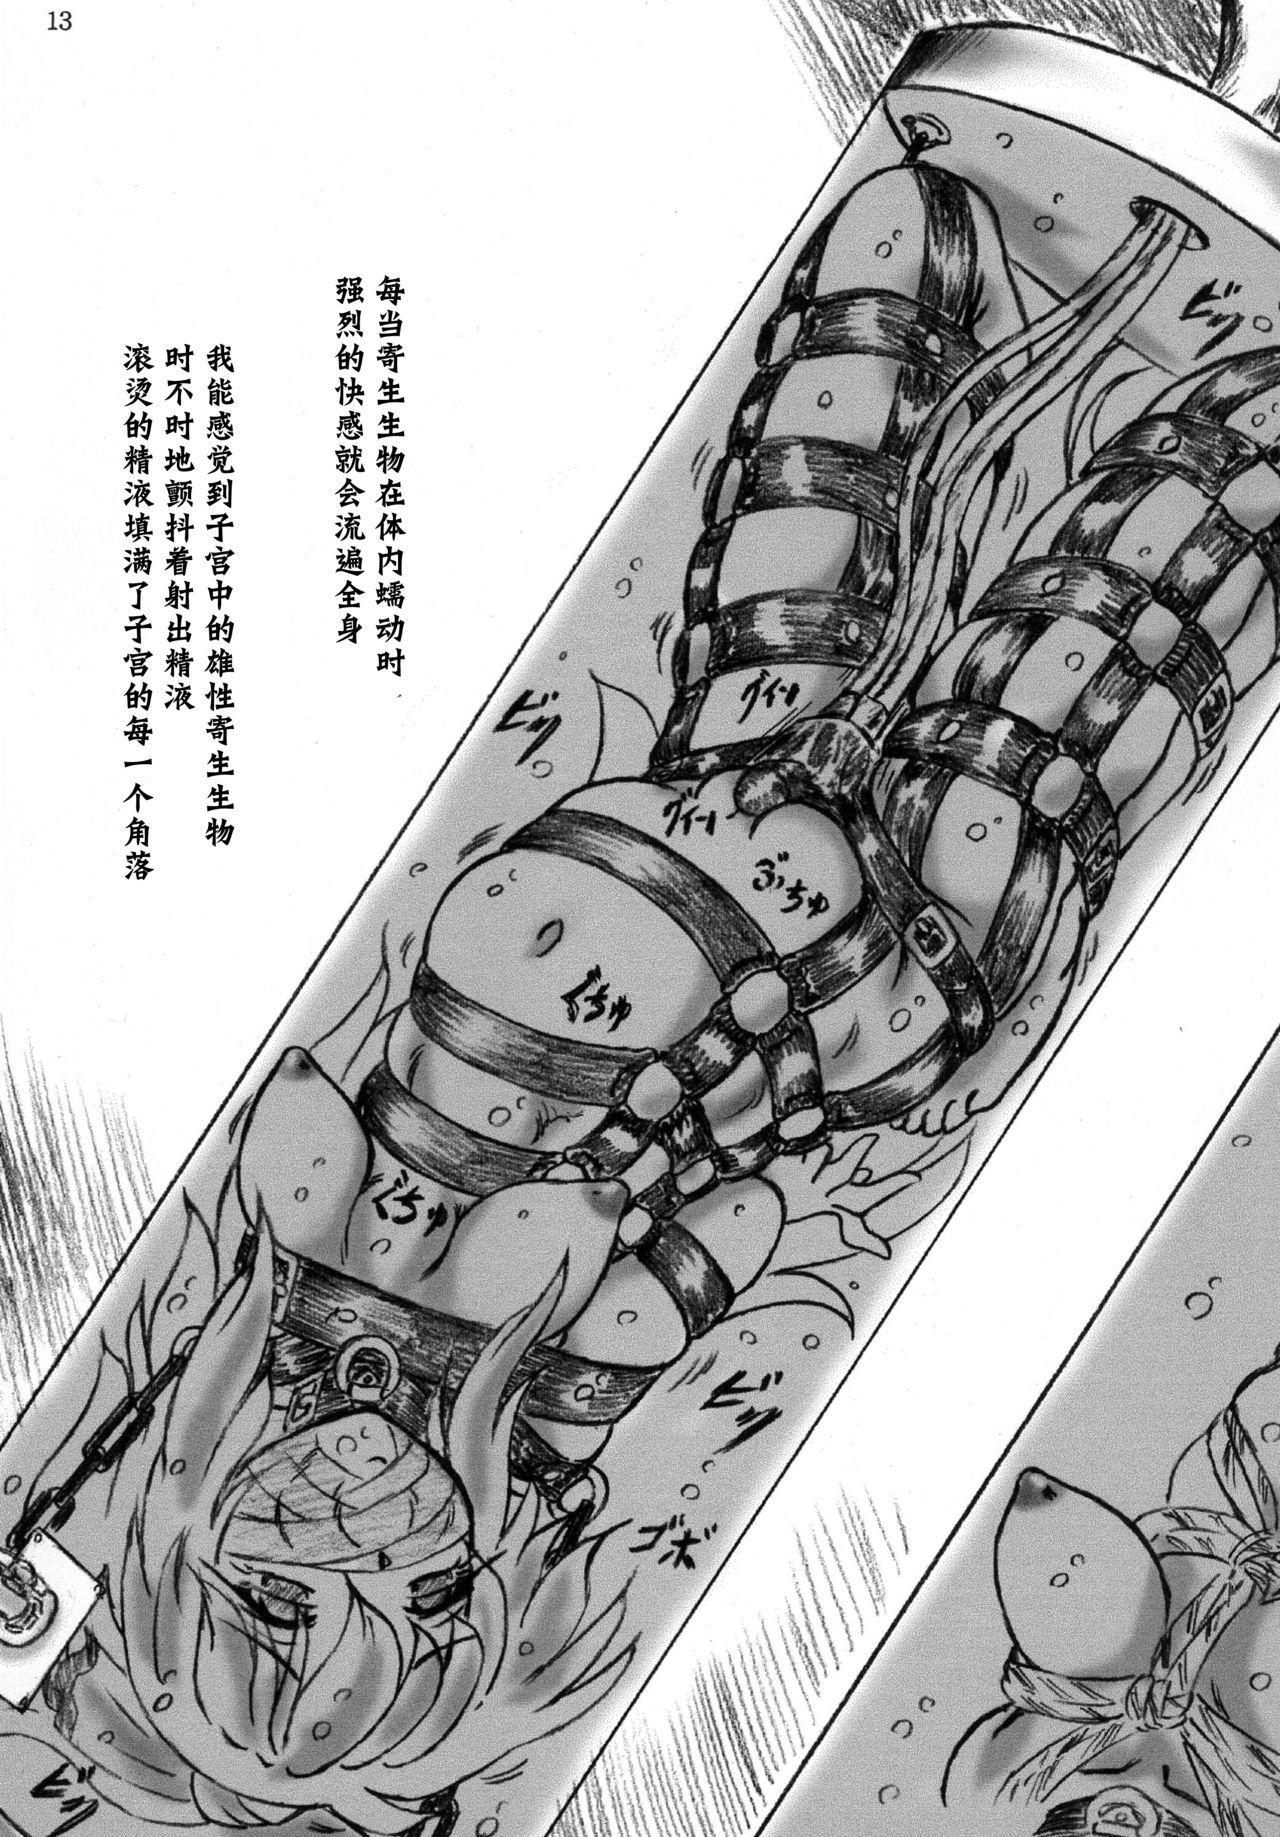 Gyuuniku Shoujo to Joshidaisei Lotion 13